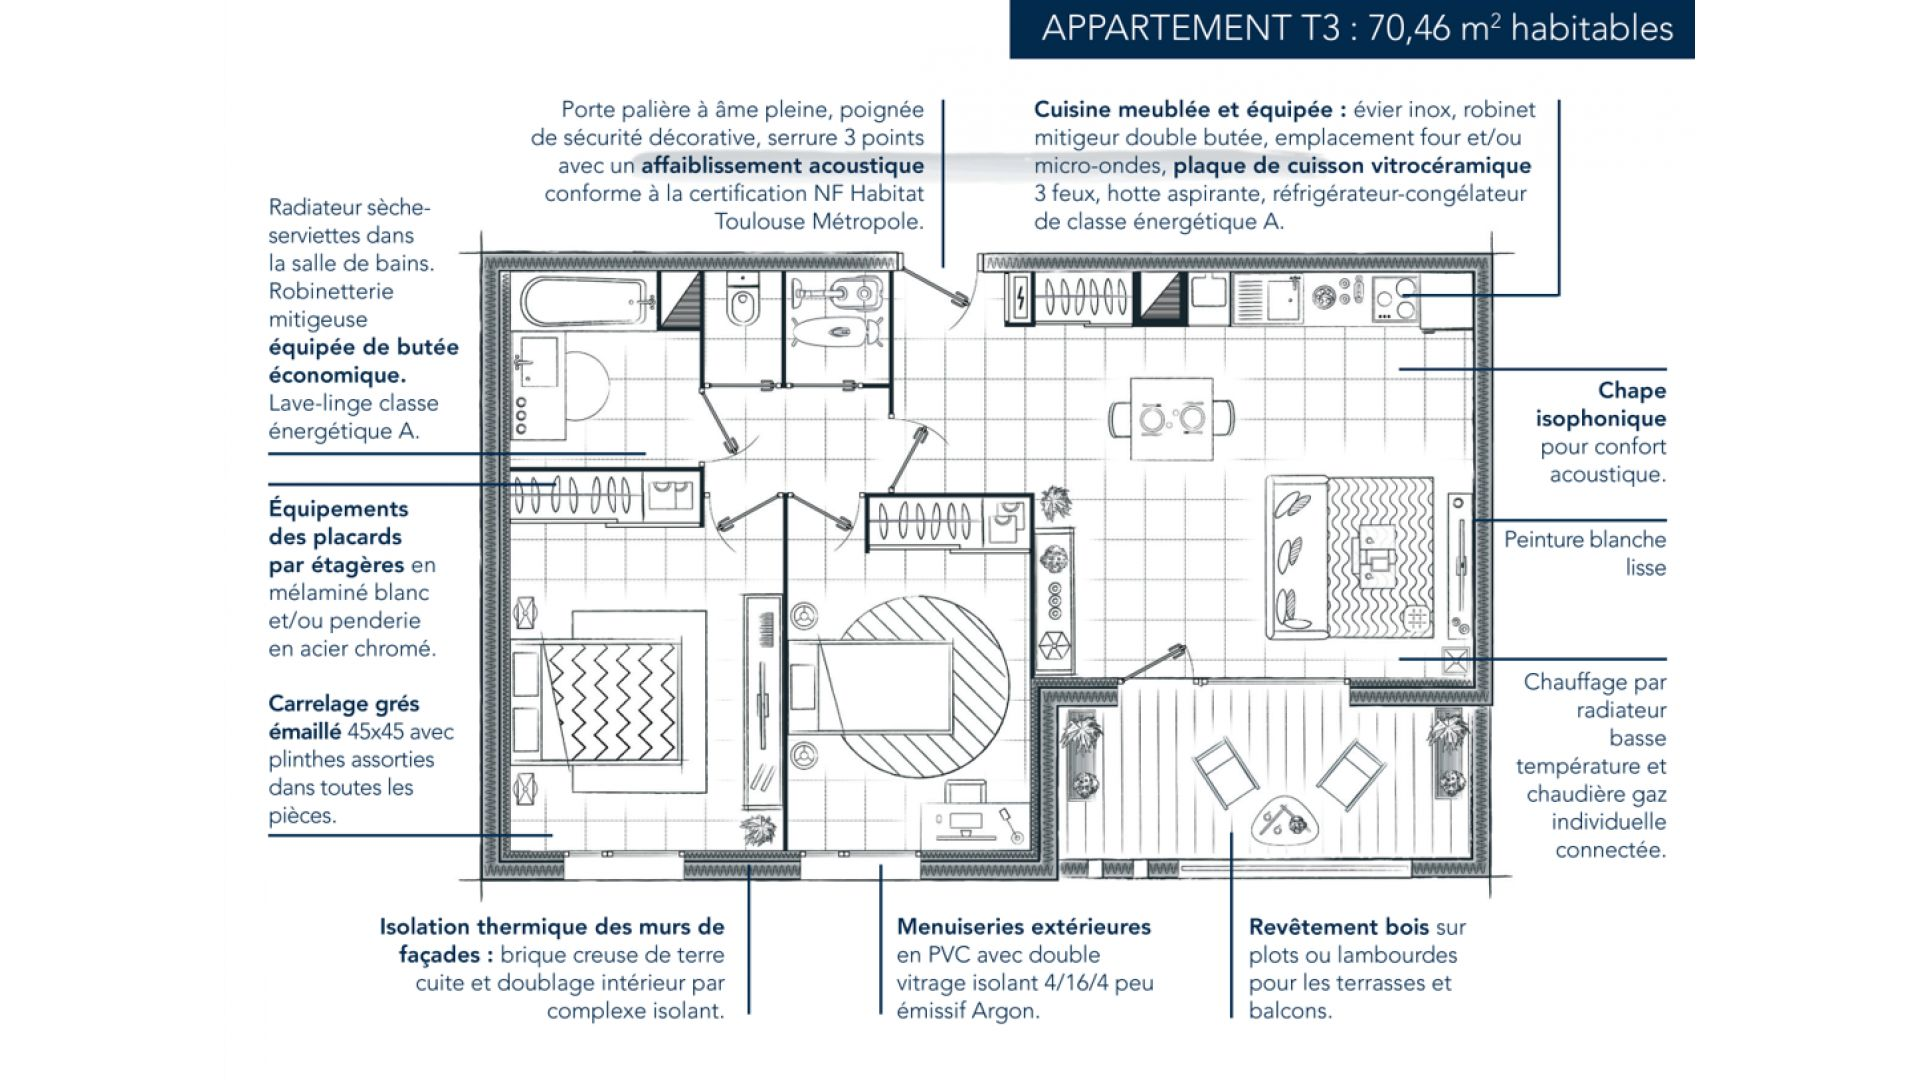 Greencity Immobilier - Le Rialto - achat appartements du T1 bis au T3 - Eaunes - Muret 31600 - appartement T3